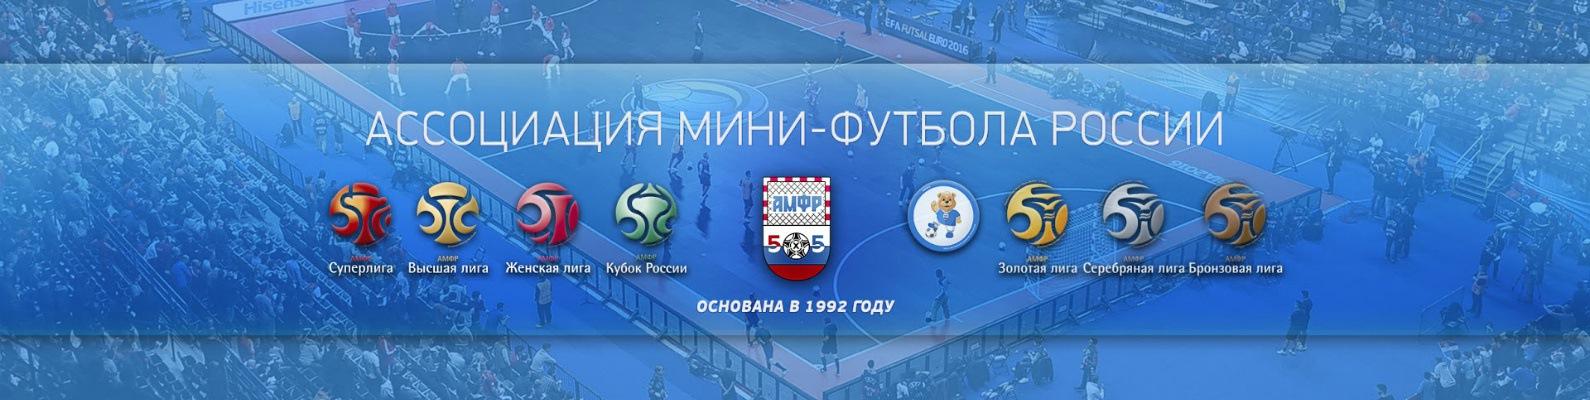 Видео мини футбол европа россия испания